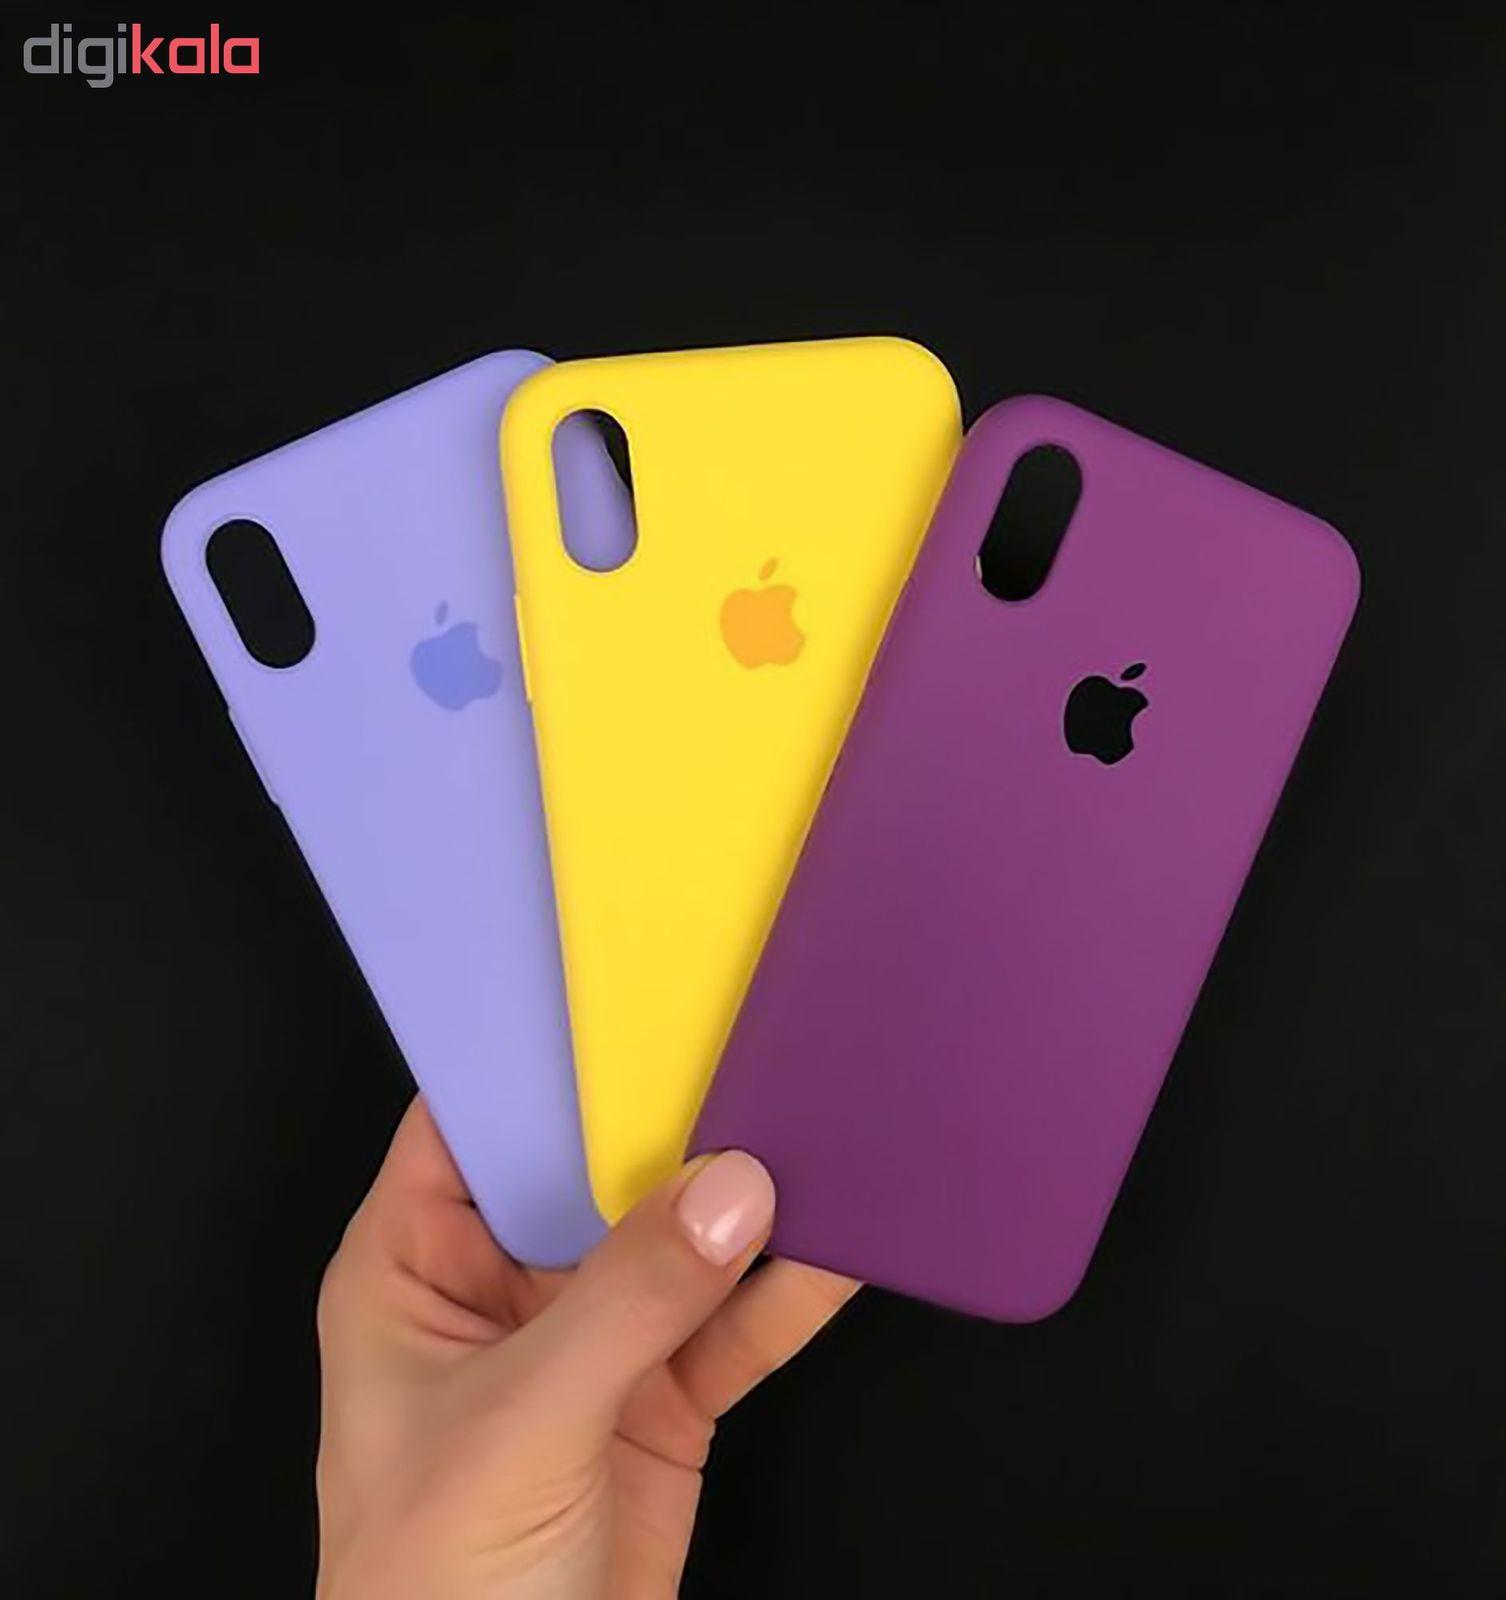 کاور  مدل Silc مناسب برای گوشی موبایل اپل Iphone Xs max main 1 21